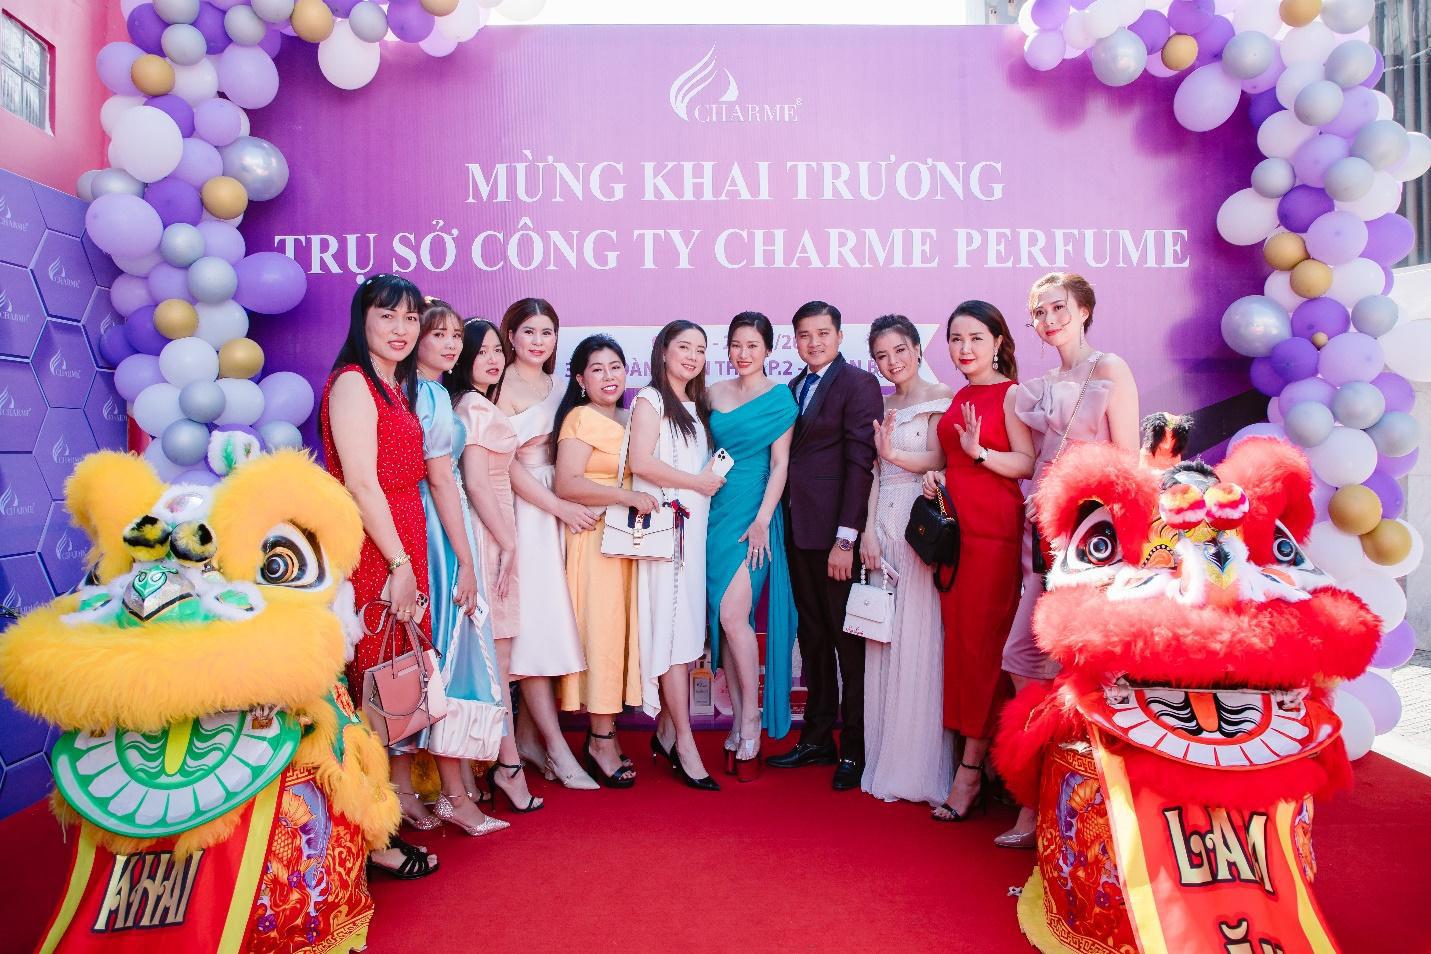 Top Hoa hậu Việt Nam 2020 đến chúc mừng nước hoa Charme khai trương trụ sở công ty tại TP.HCM - Ảnh 6.